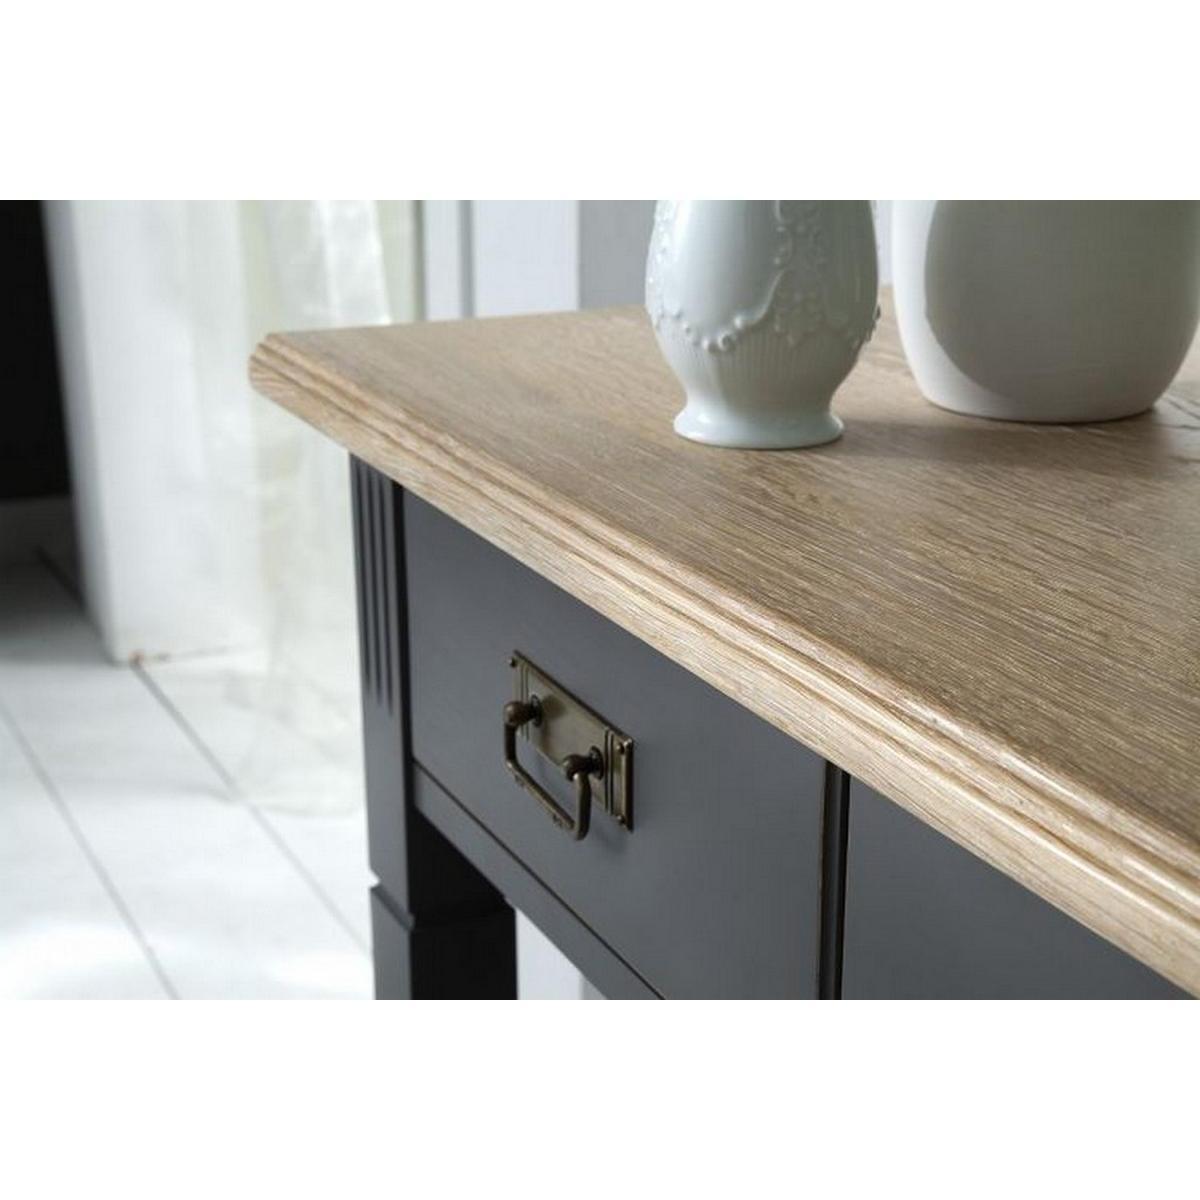 massivholz konsolentisch nordic home kiefer massiv grau. Black Bedroom Furniture Sets. Home Design Ideas